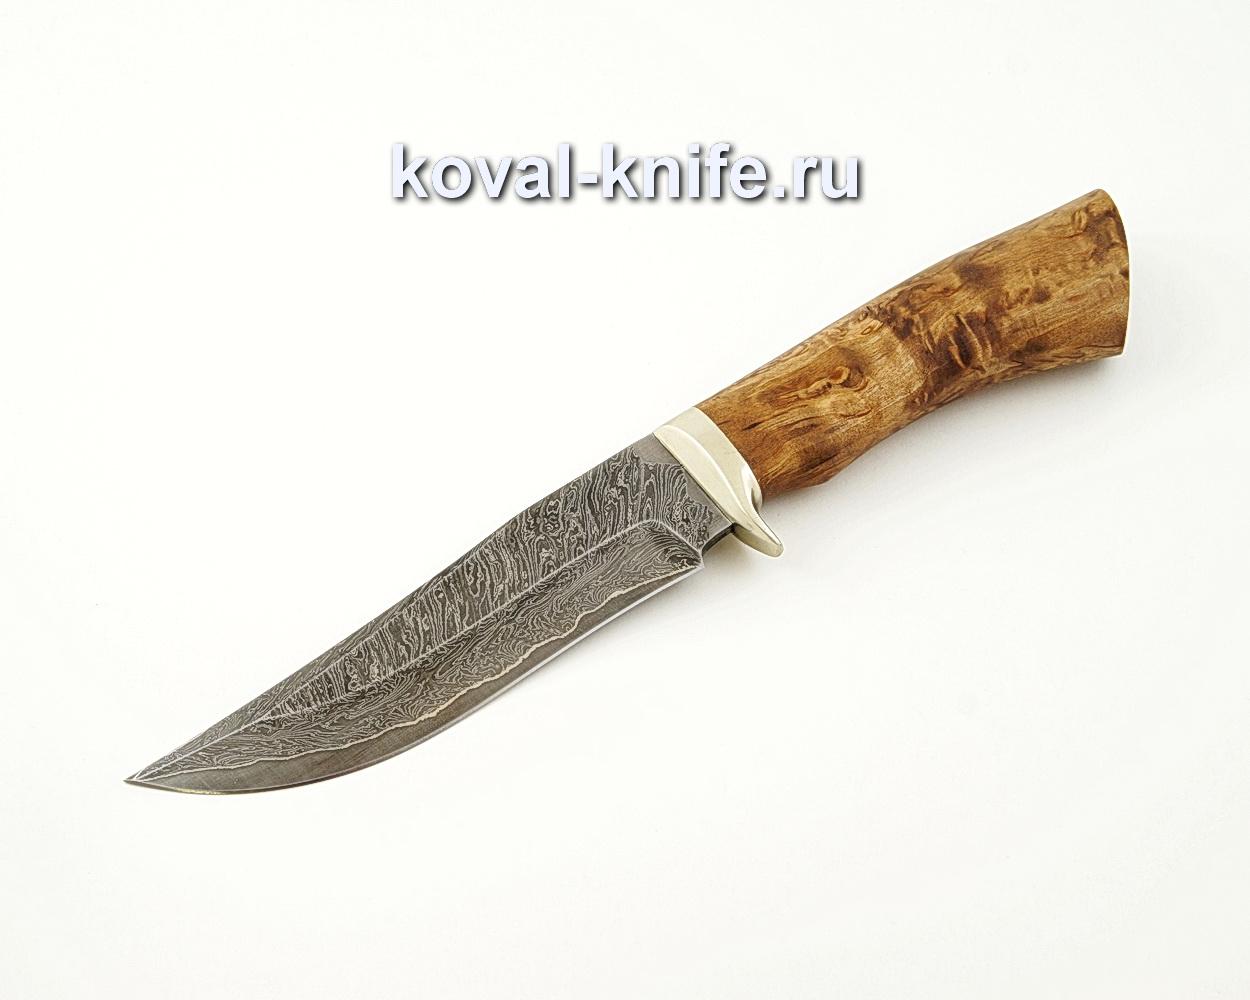 Нож Клыч из ламинированной стали (стабилизированная карельская береза, гарда мельхиор) A520